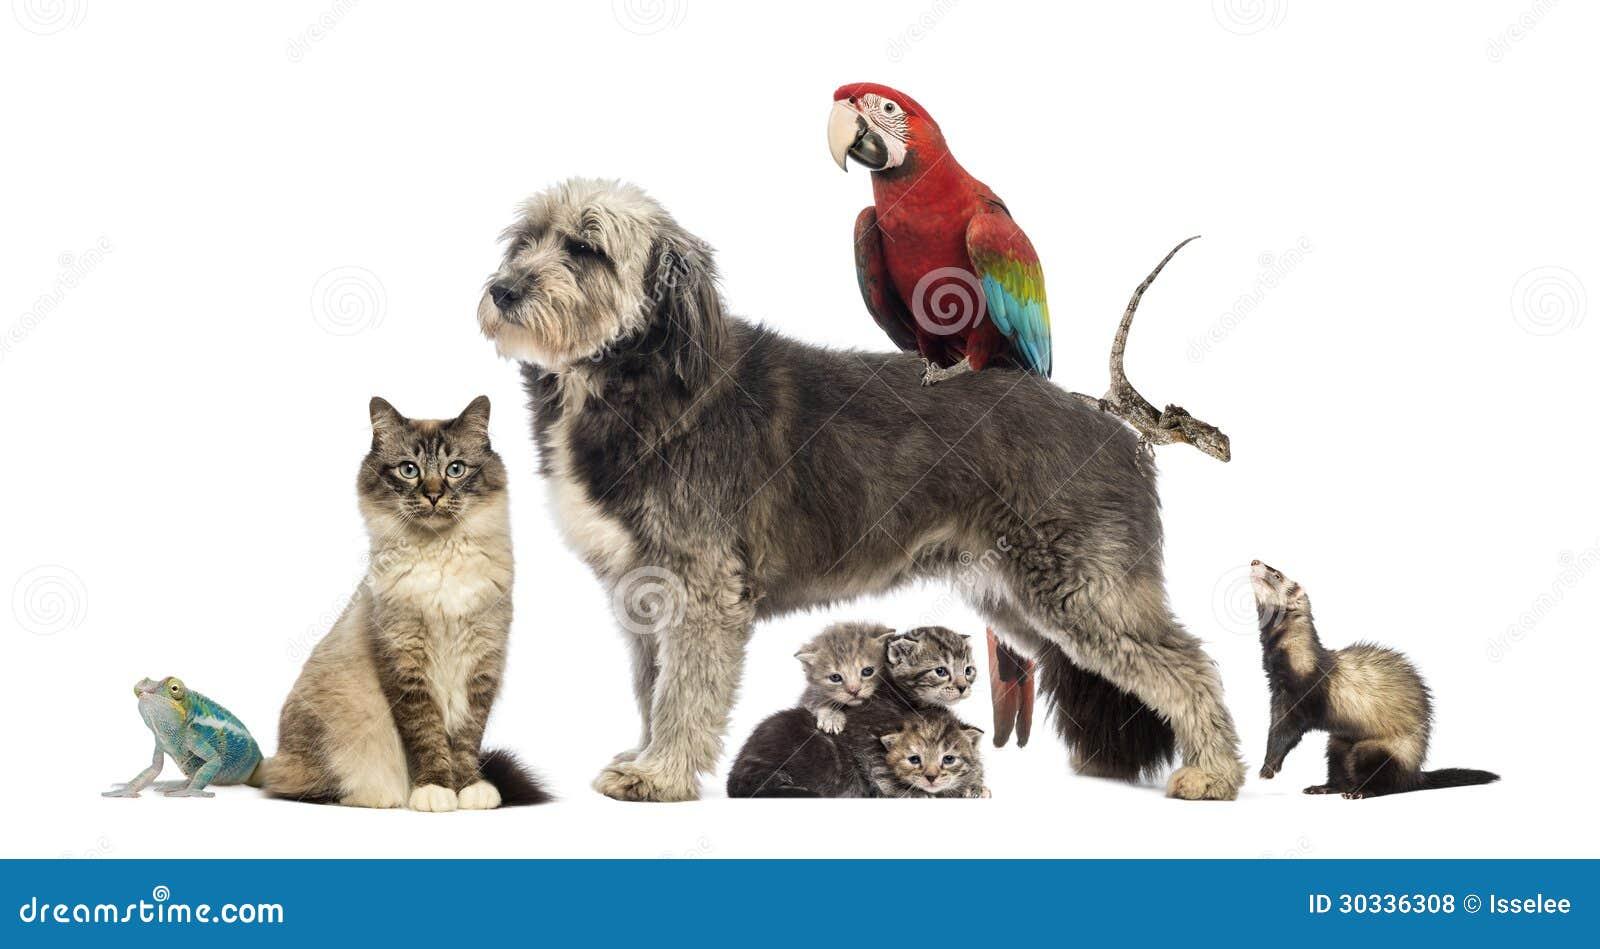 Gruppen av husdjur, grupp av husdjur - förfölja, katten, fågeln, reptilen, kanin